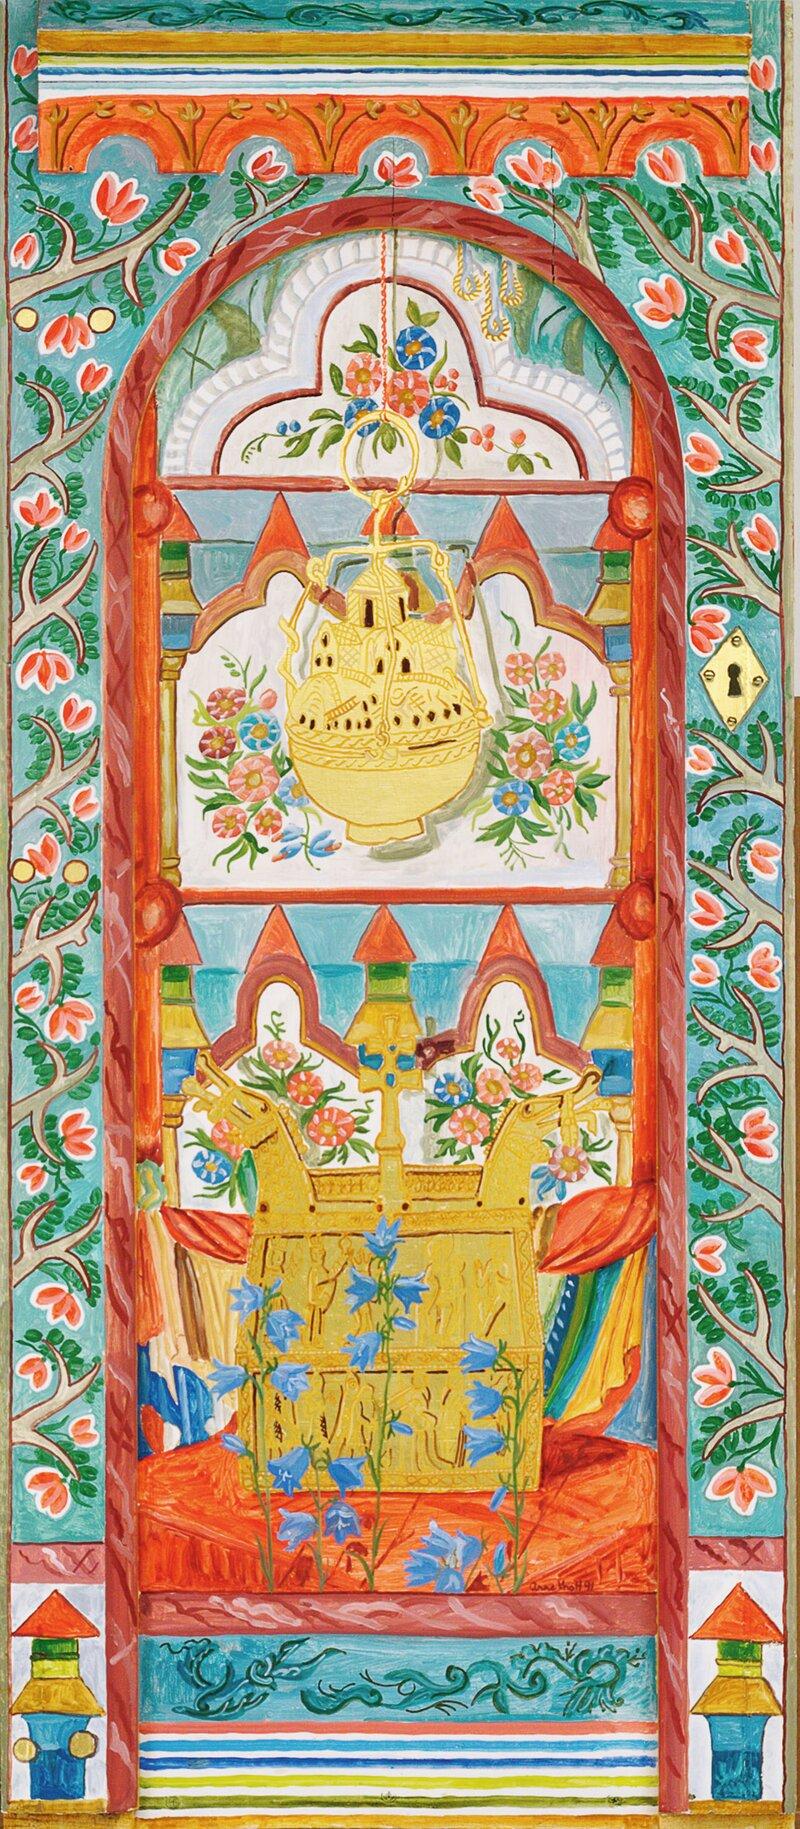 Relikvieskrin fra Heddal i Valdres 1991